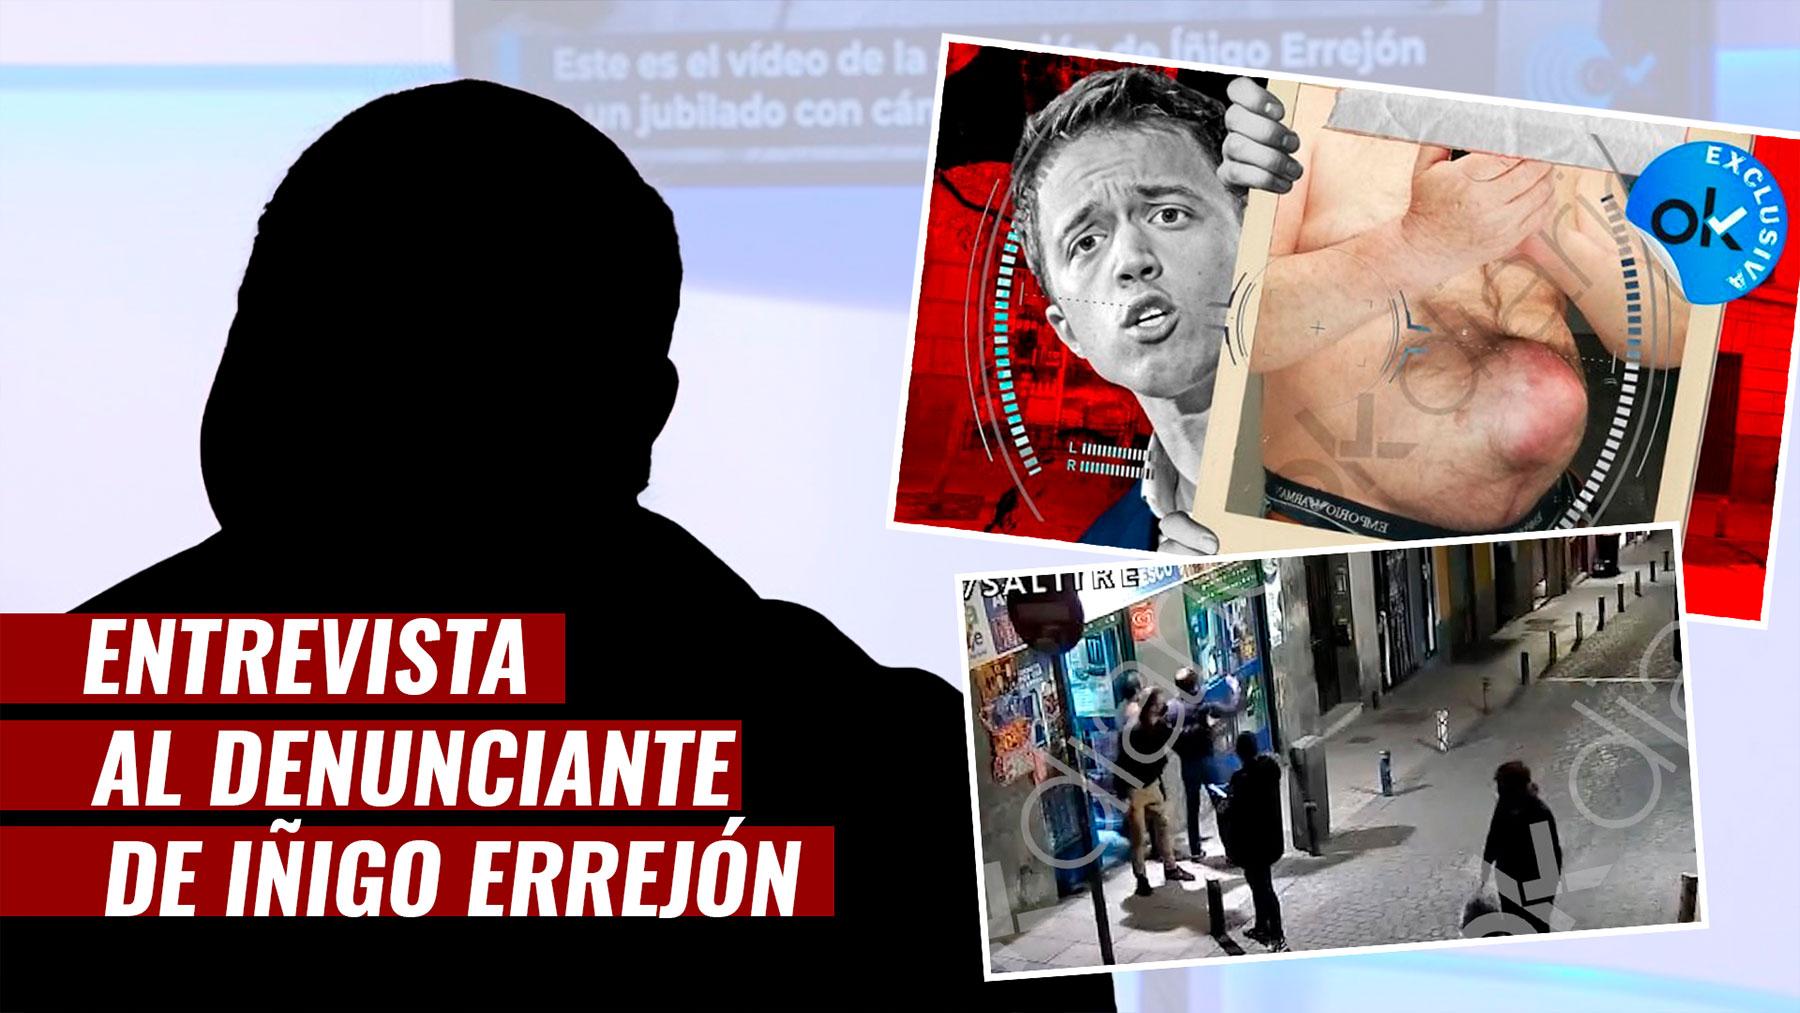 Entrevista al denunciante del «caso Errejón».